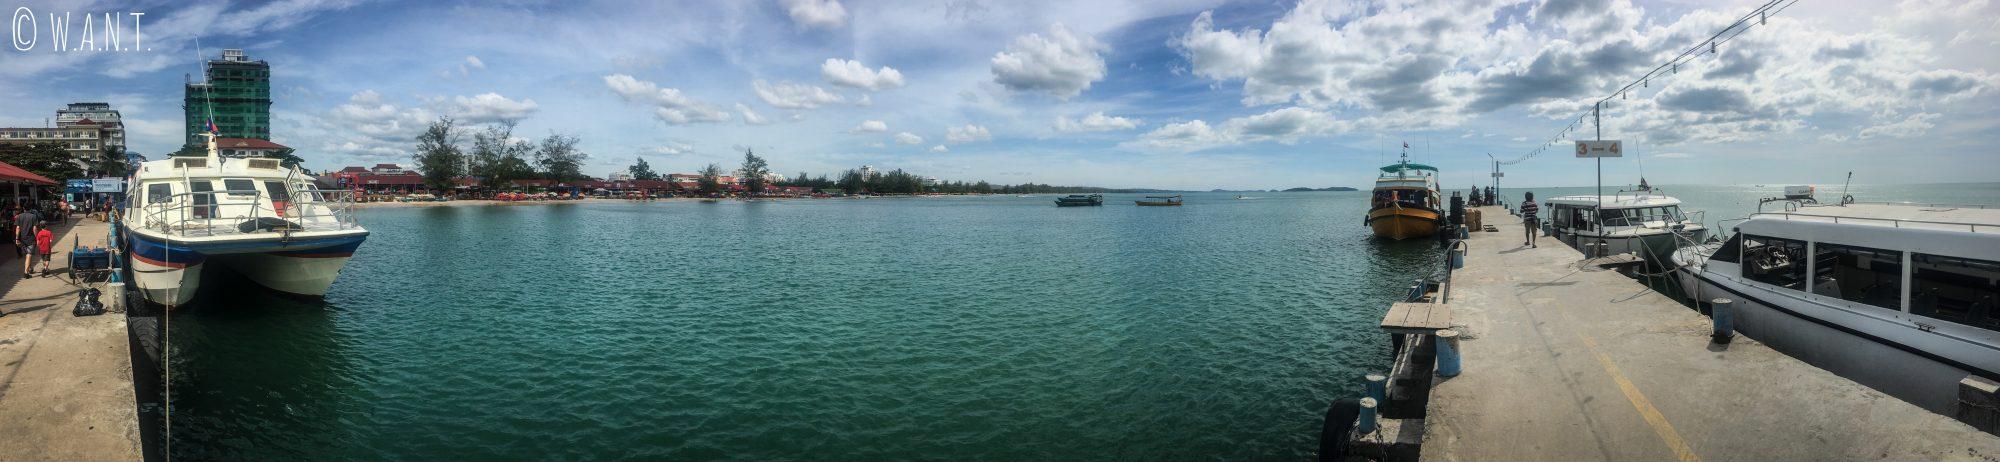 Panorama sur le port de Sihanoukville